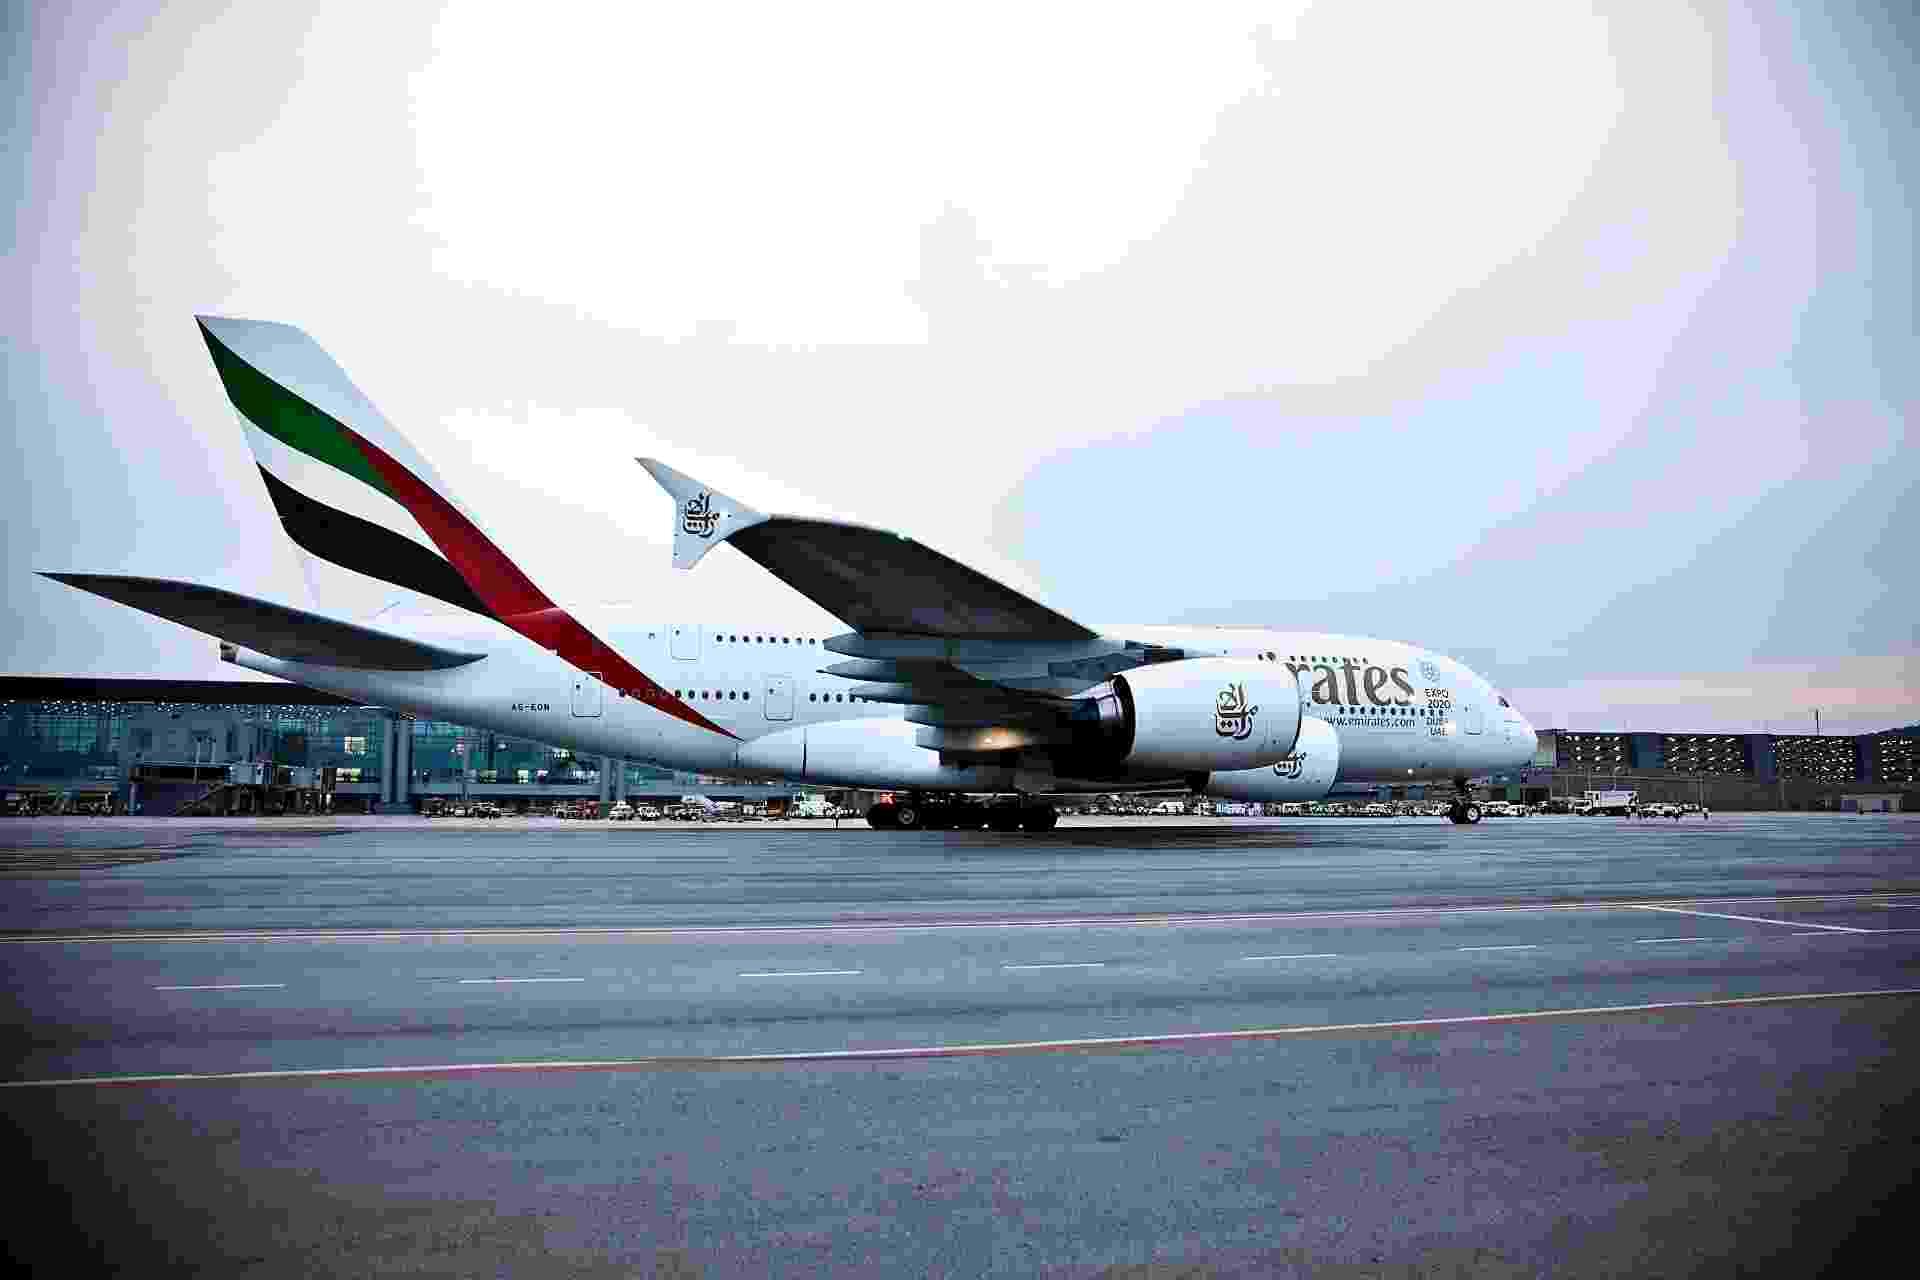 O A380, maior avião de passageiros do mundo, fez um único voo comercial para São Paulo desde Dubai, nos Emirados Árabes - Lucas Lima/UOL